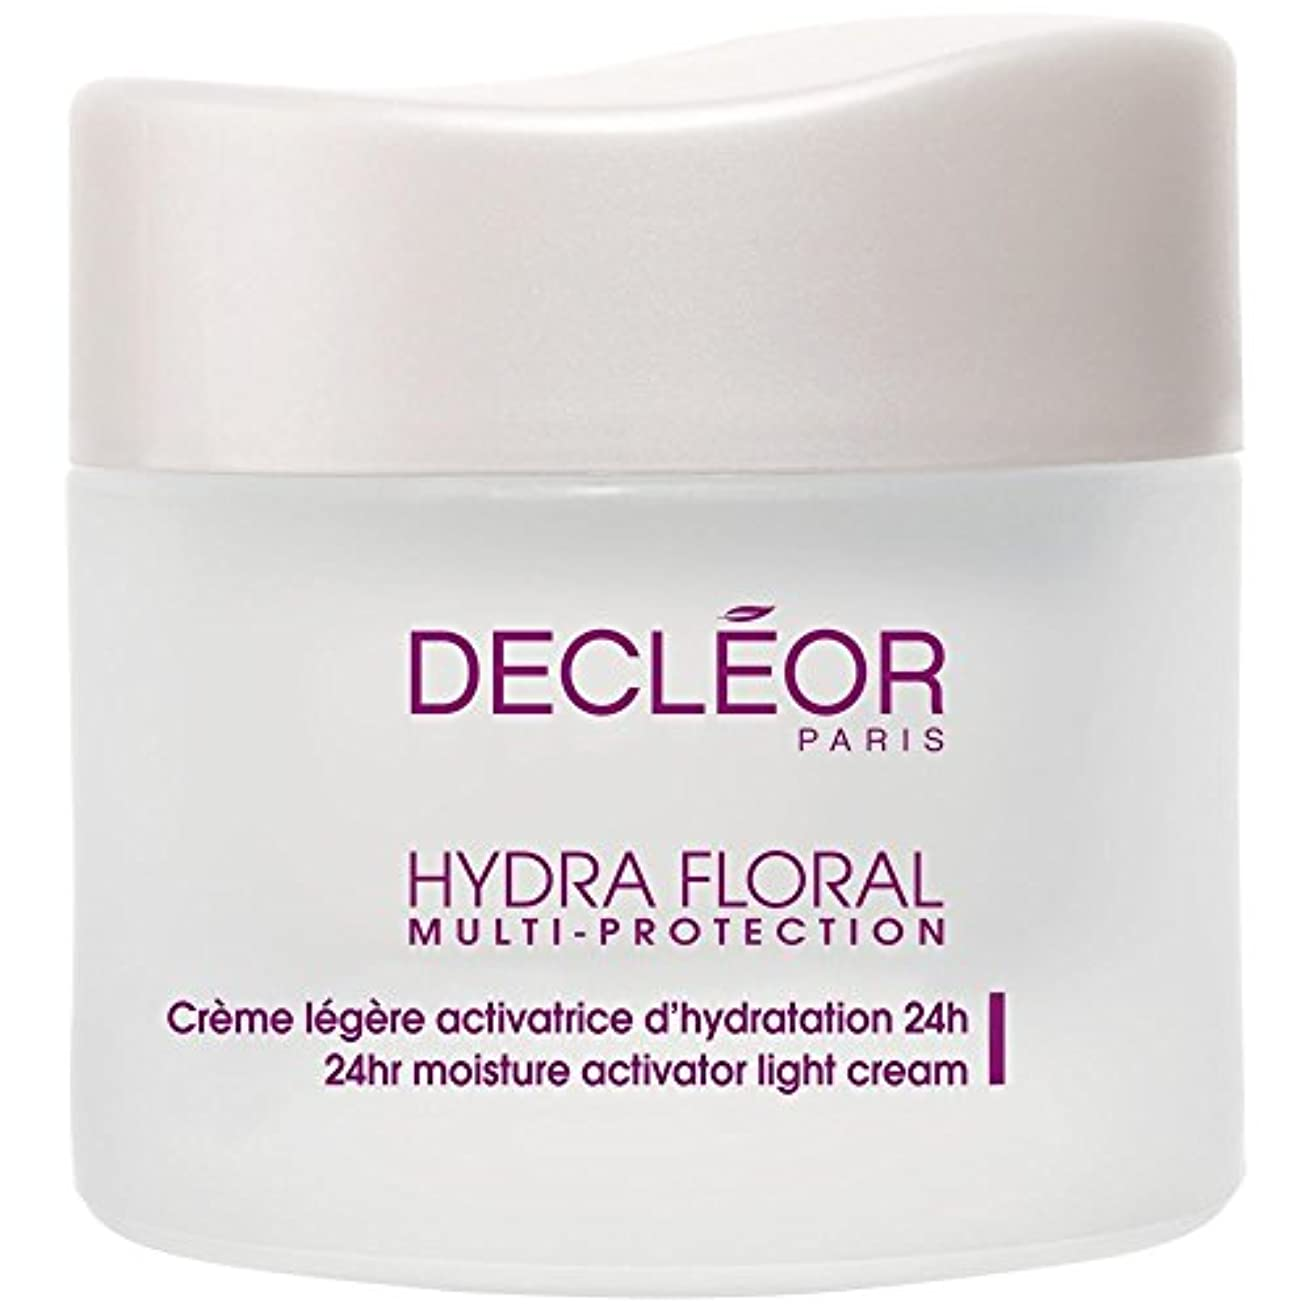 ケーブルカー捨てる追放する[Decl?or] デクレオールヒドラ花のマルチプロテクションベーターライトクリーム、50ミリリットル - Decl?or Hydra Floral Multi Protection Activator Light Cream...